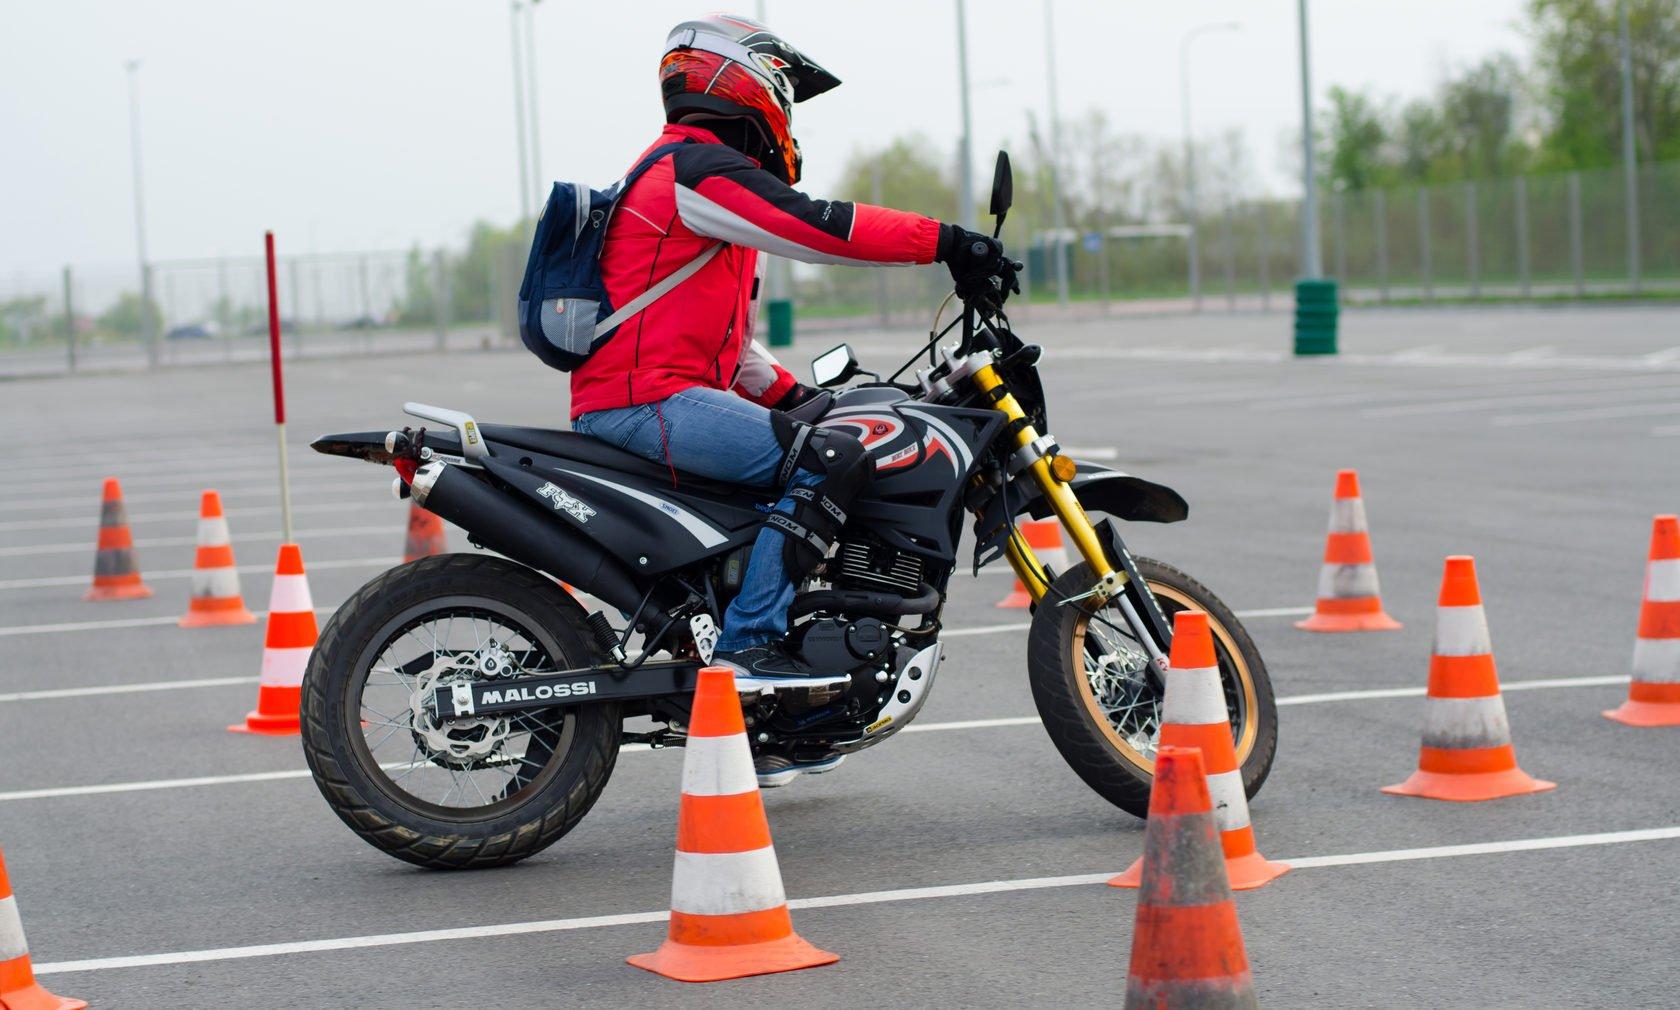 Как выбирать школу вождения мотоцикла